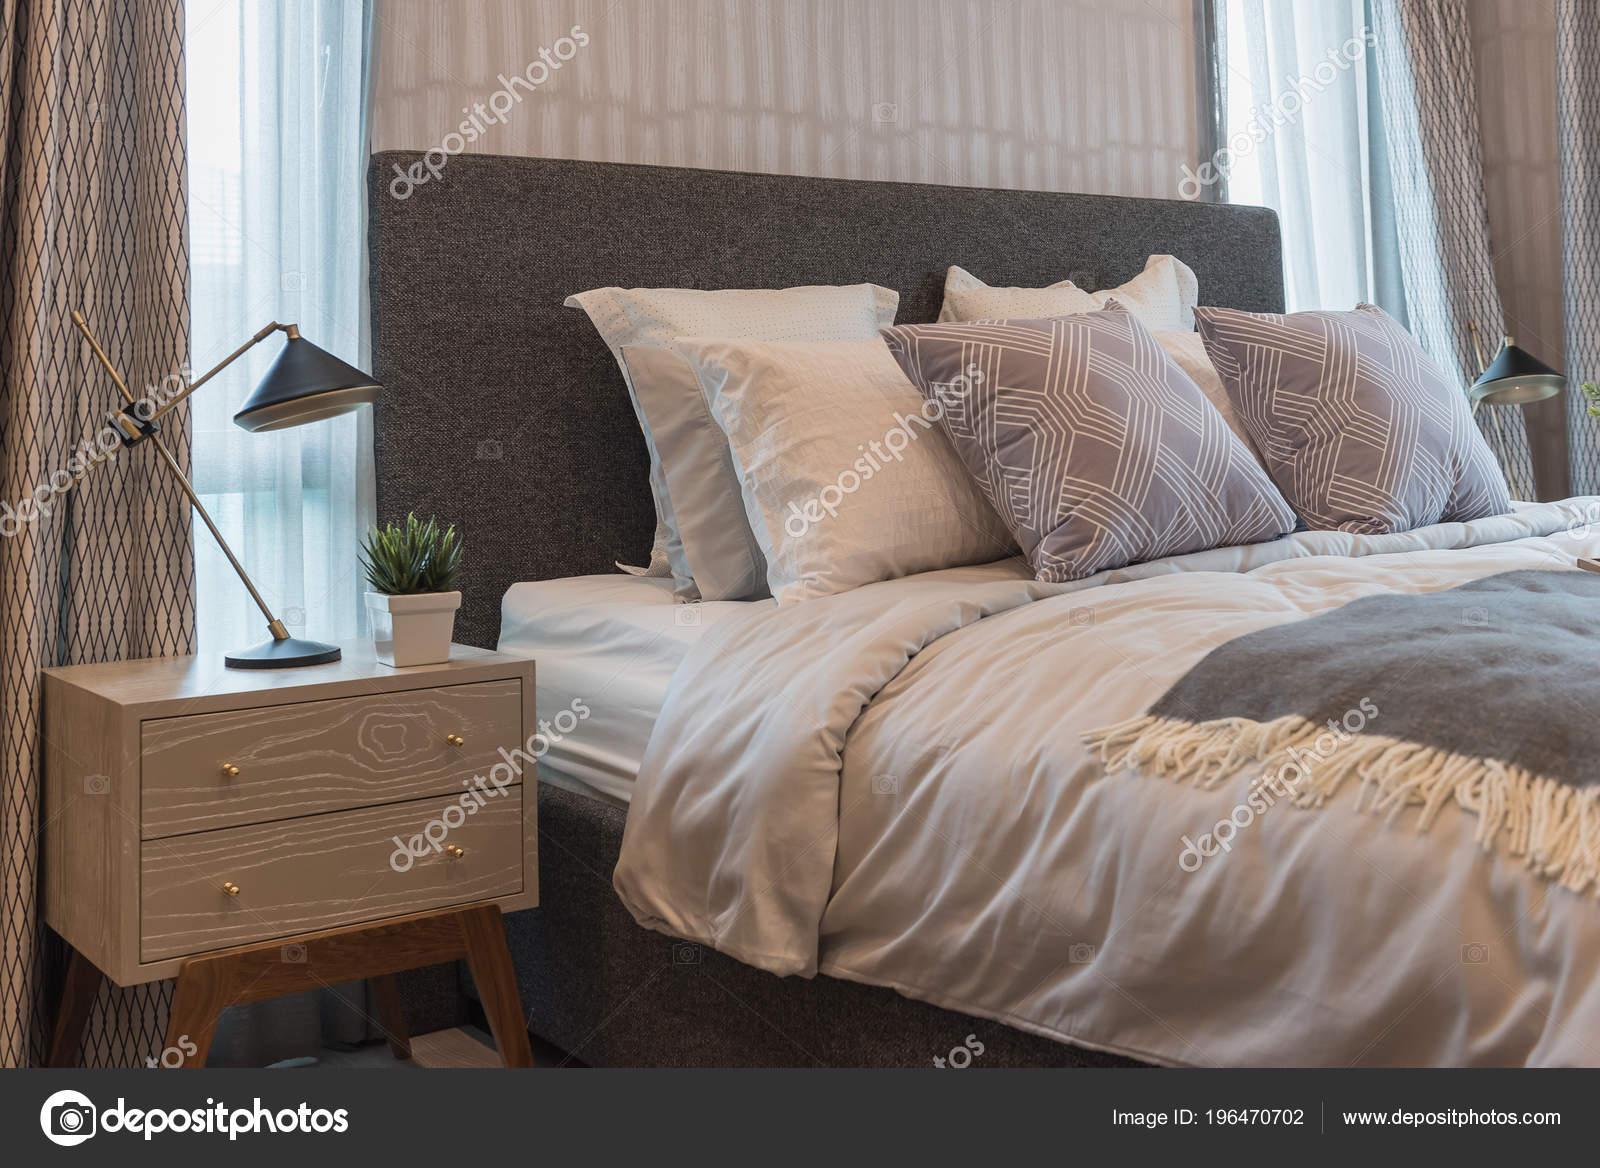 Style De Chambre De Luxe Avec Ensemble De Coussins Sur Le Lit King Size, Le  Concept De Design Du0027intérieur U2014 Image De Khongkitwiriyachan  ...